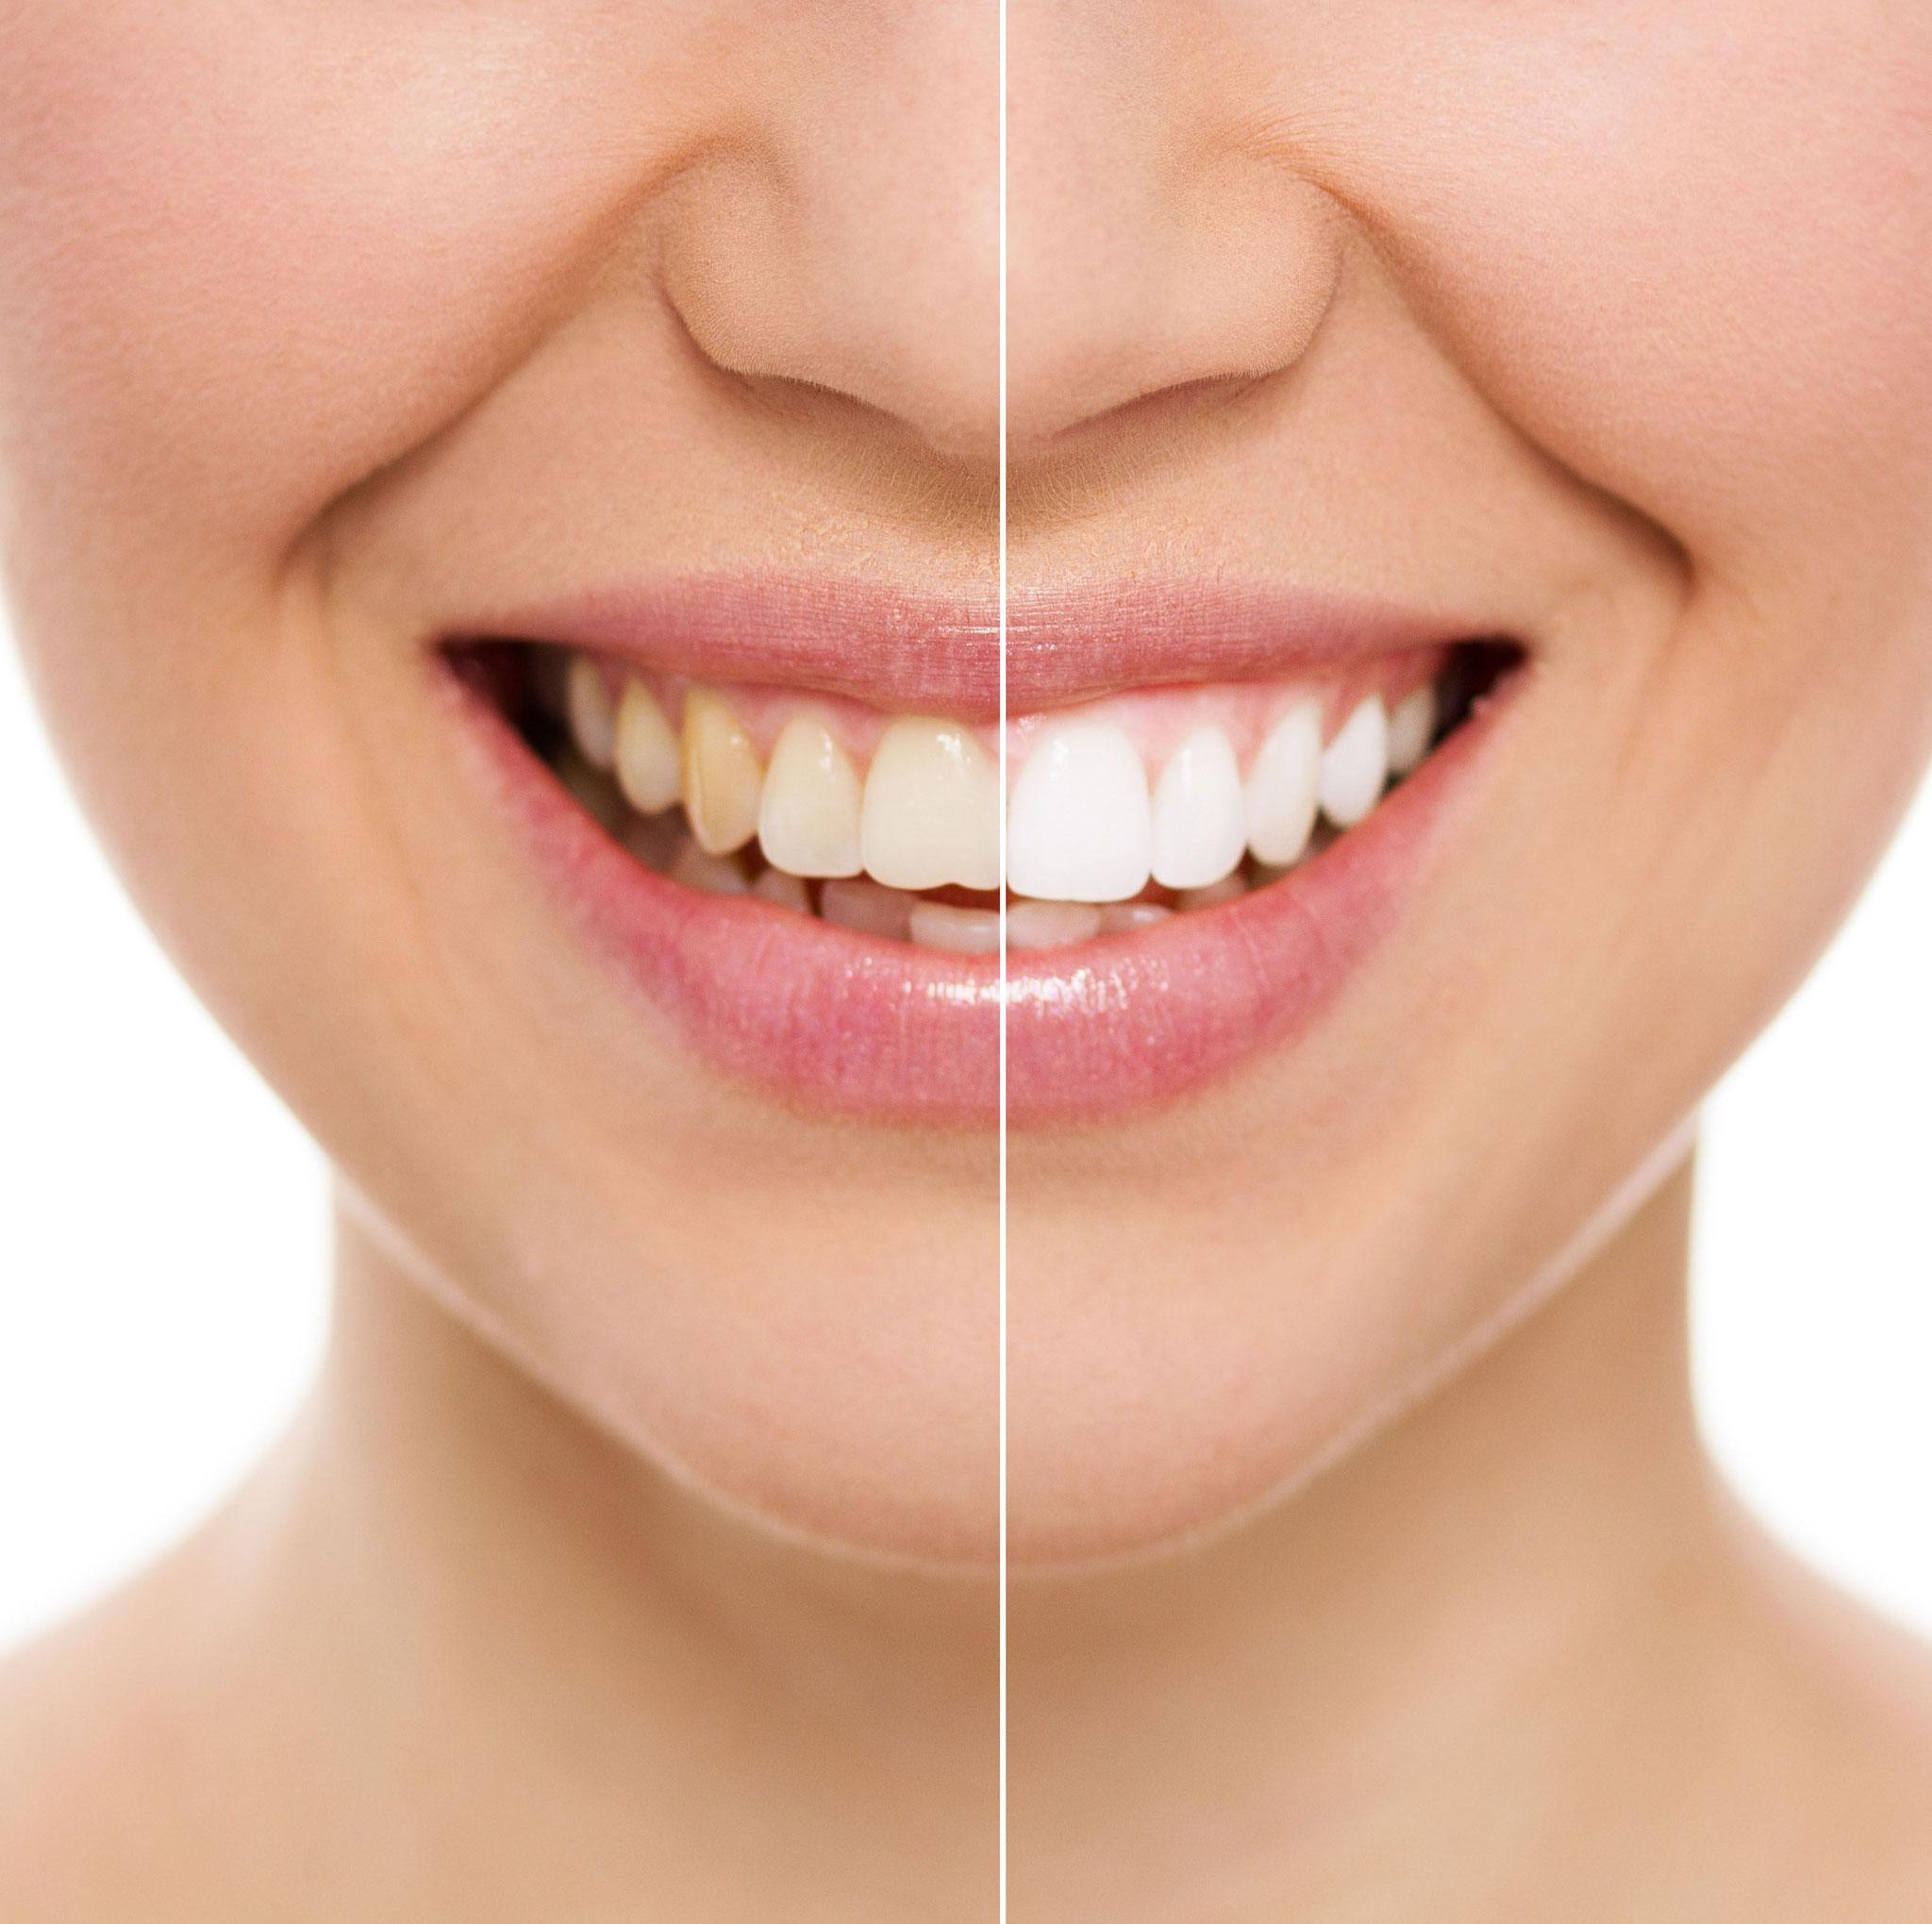 歯のブリーチング